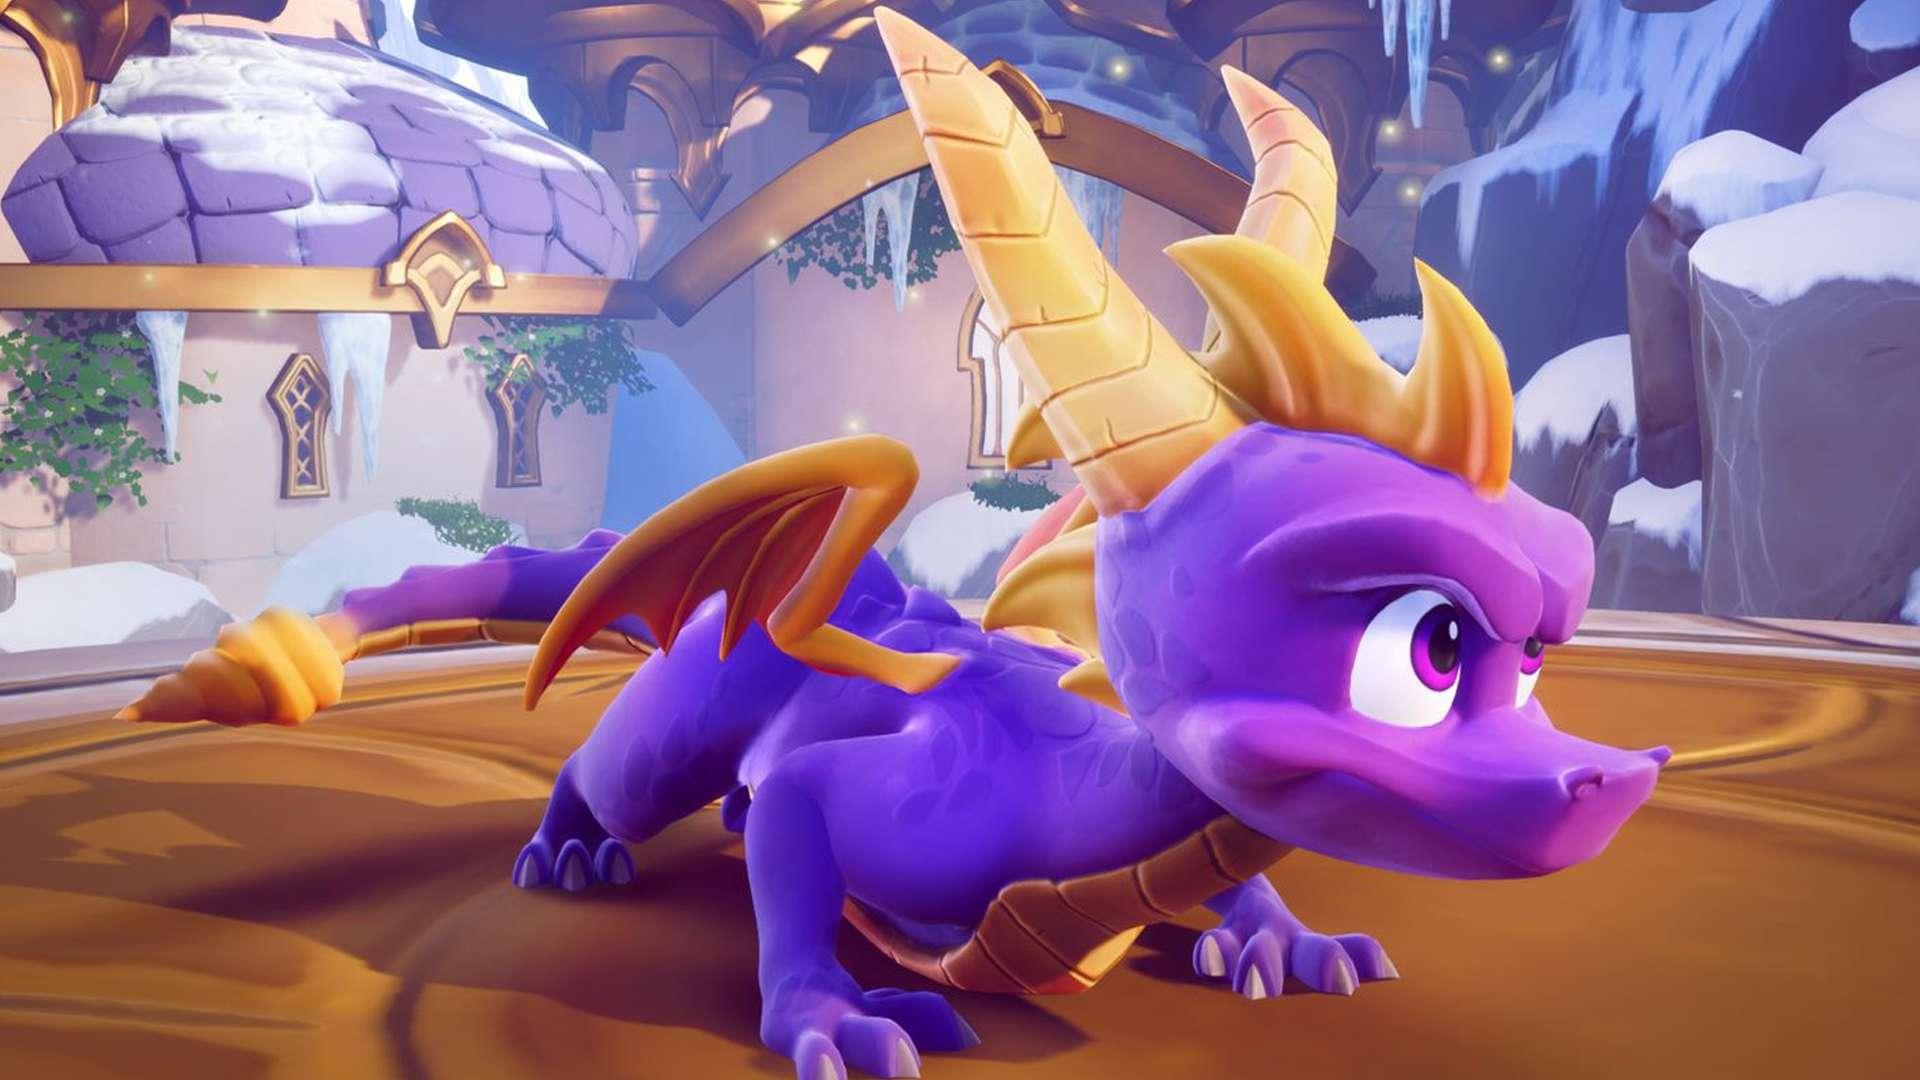 Spyro Reignited Trilogy offline video game for kids.